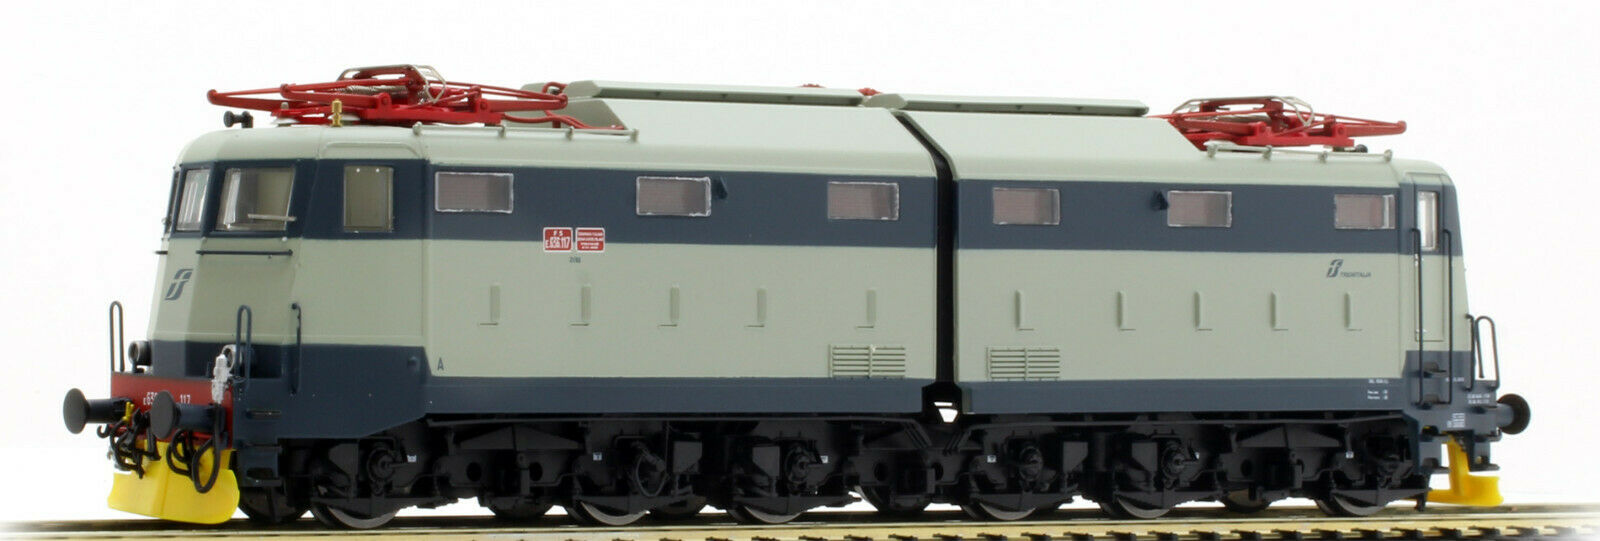 ACME 69458 E636 117 Livrea storica Blau grau vomere Gelb Trenitalia SOUND